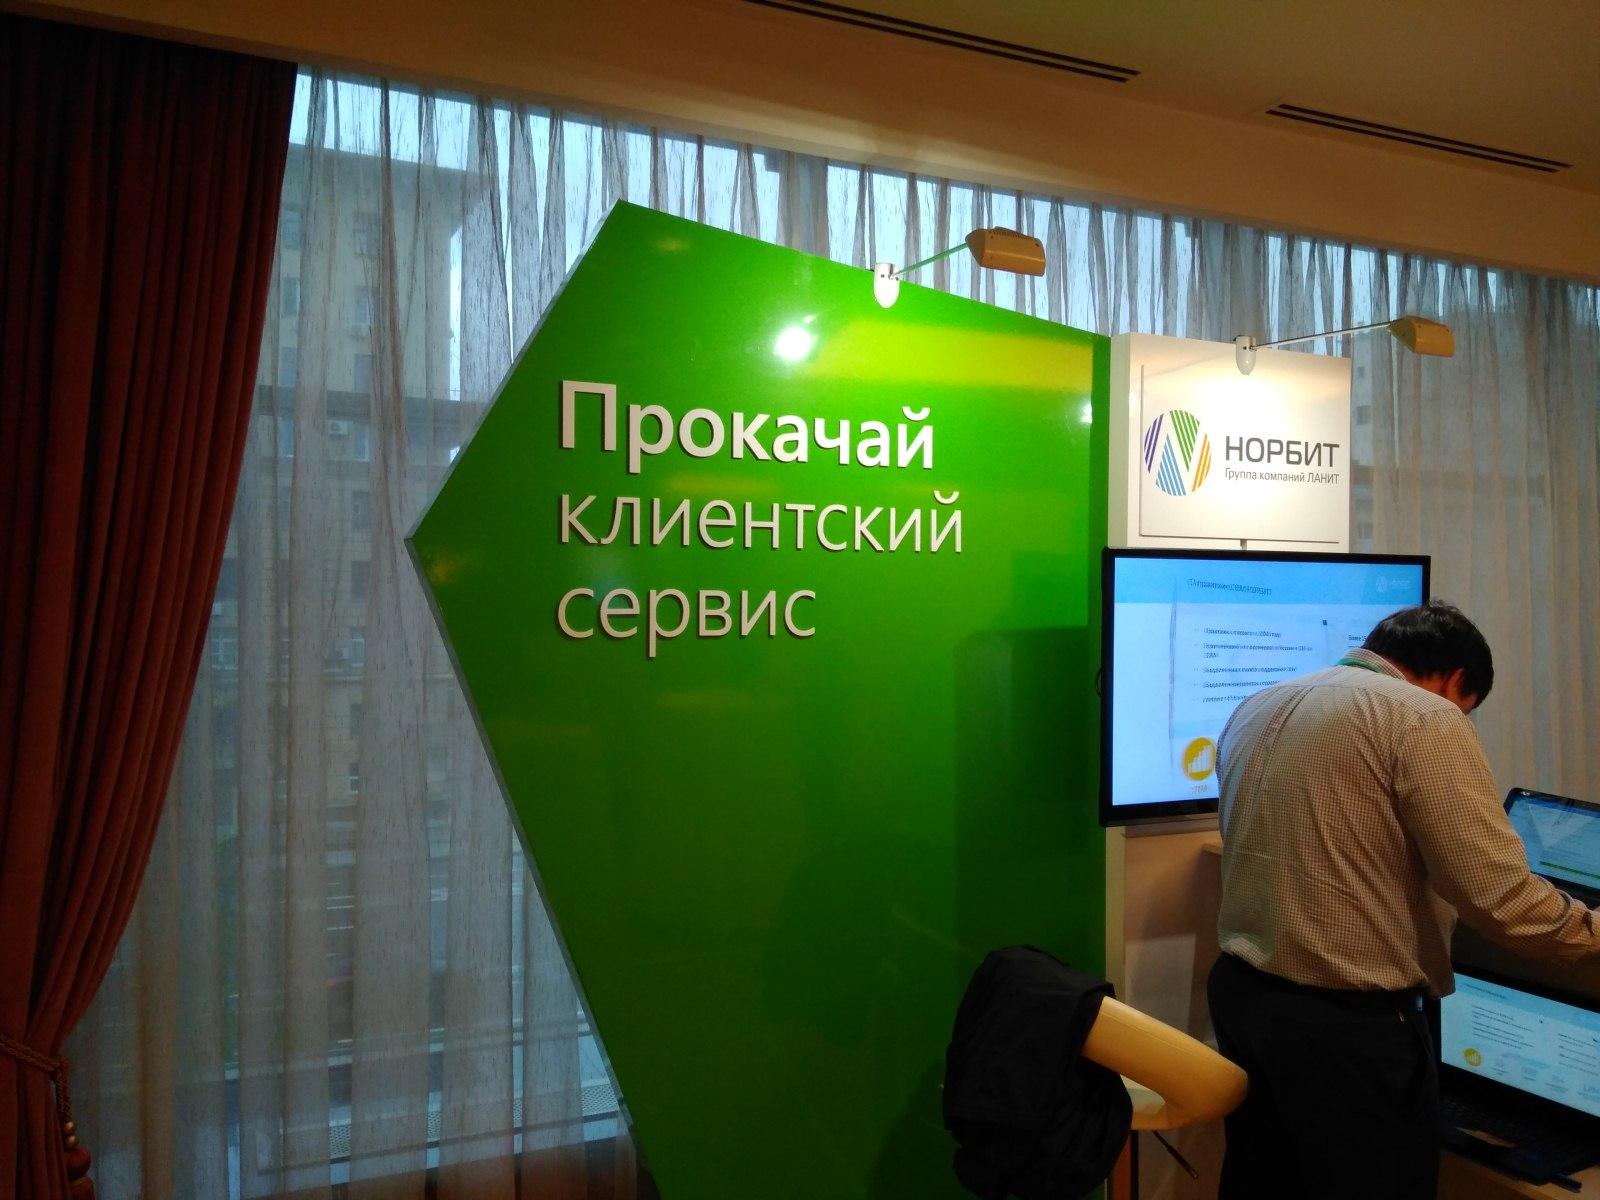 Прокачай клиентский сервис. Конференция Microsoft «Прокачай свой бизнес: Люди. Процессы. Технологии»